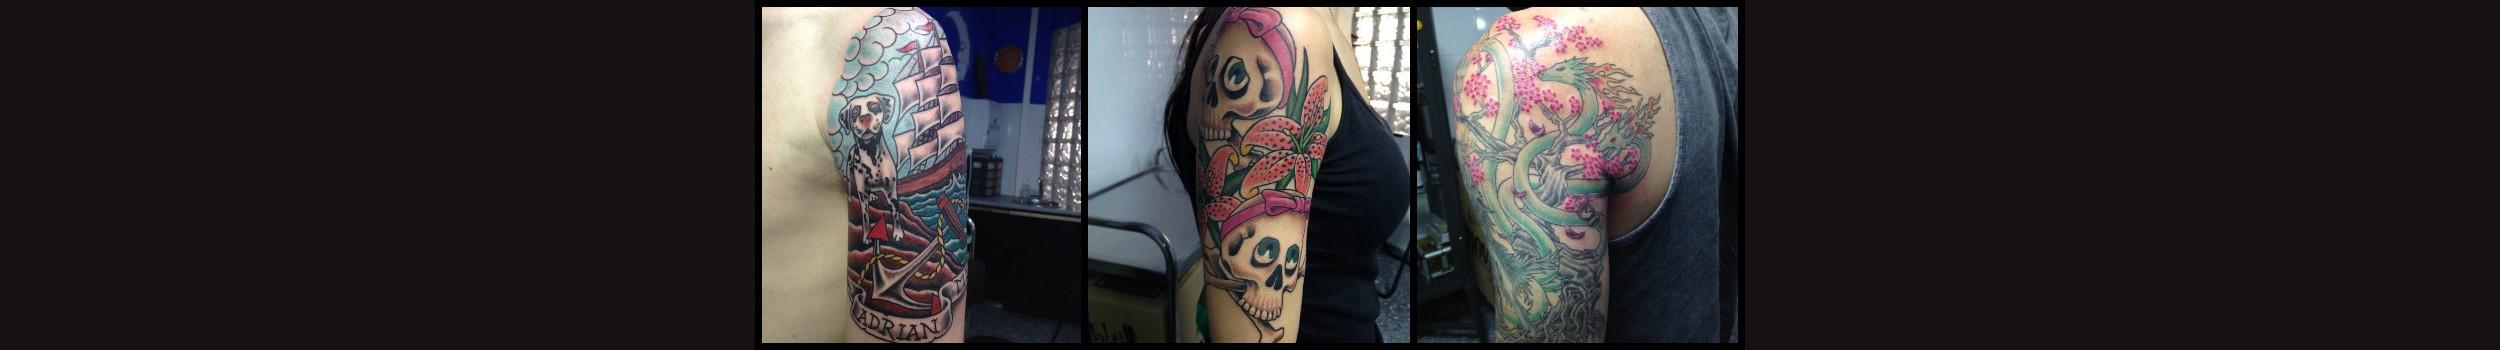 tatuajes en la alpujarra, tatuajes en las alpujarras, tatuajes en orgiva, tatuajes en molvizar,